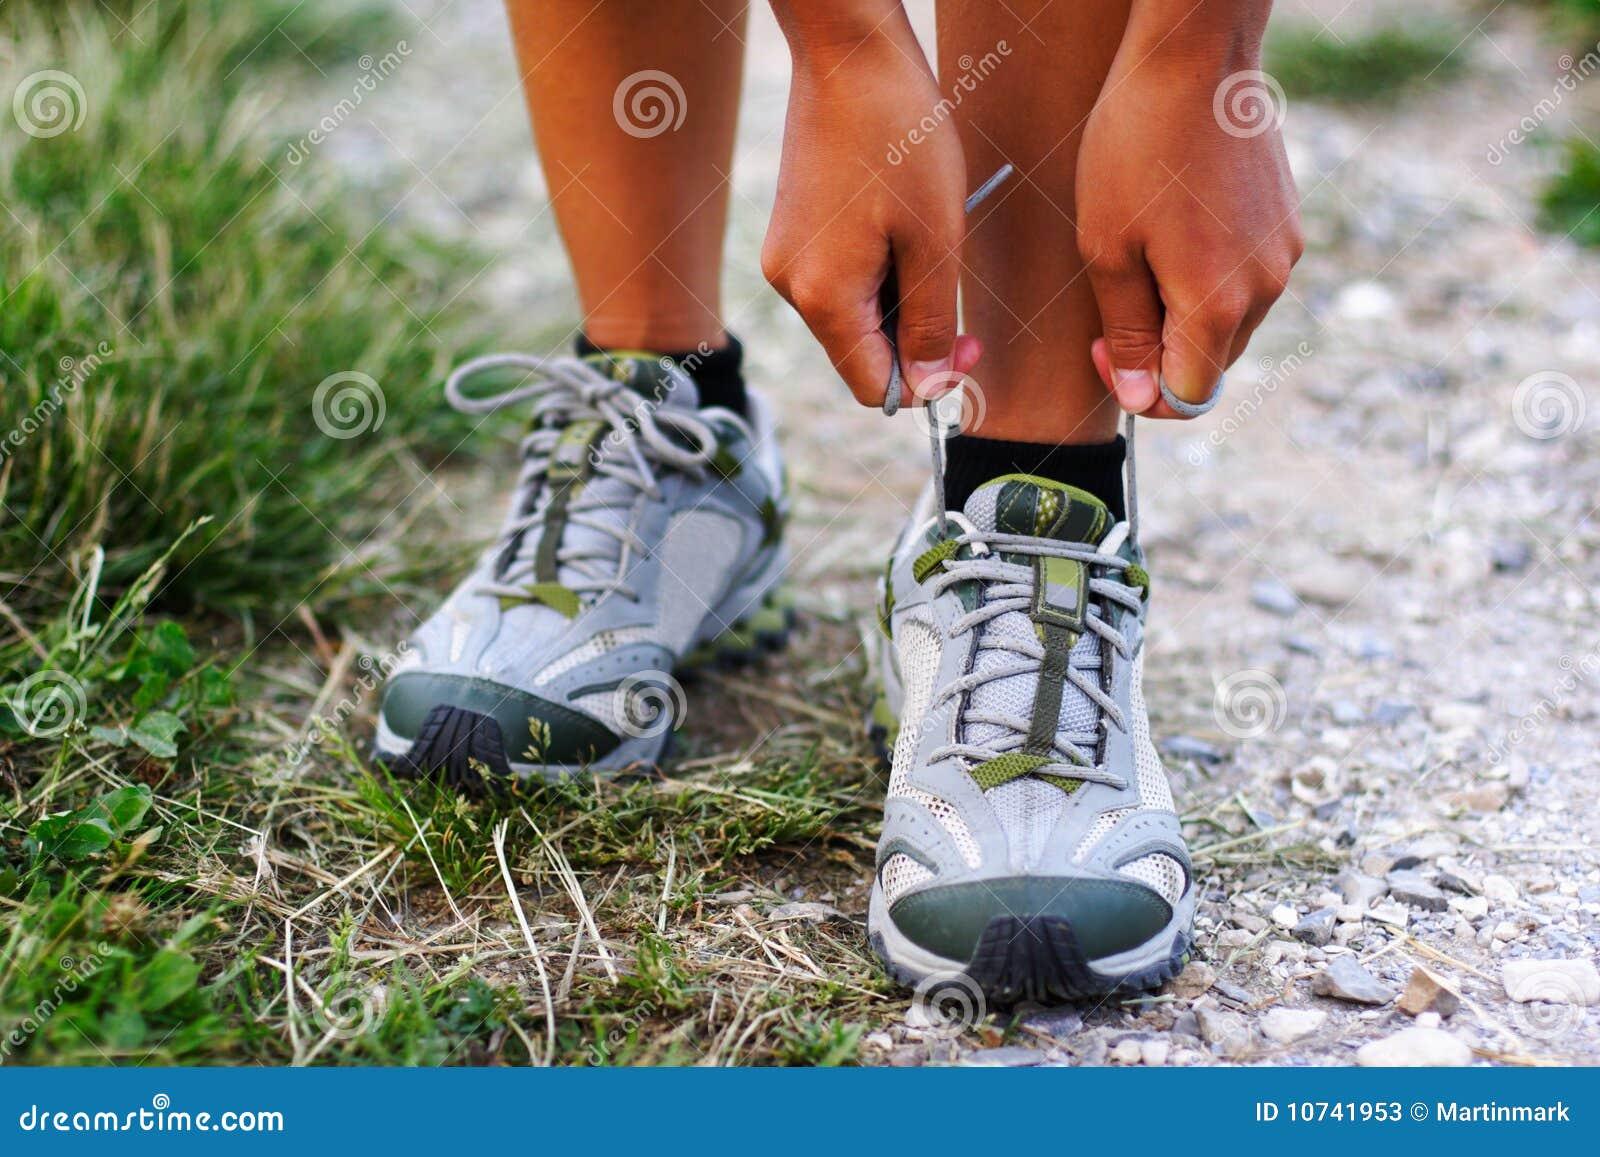 идущие ботинки